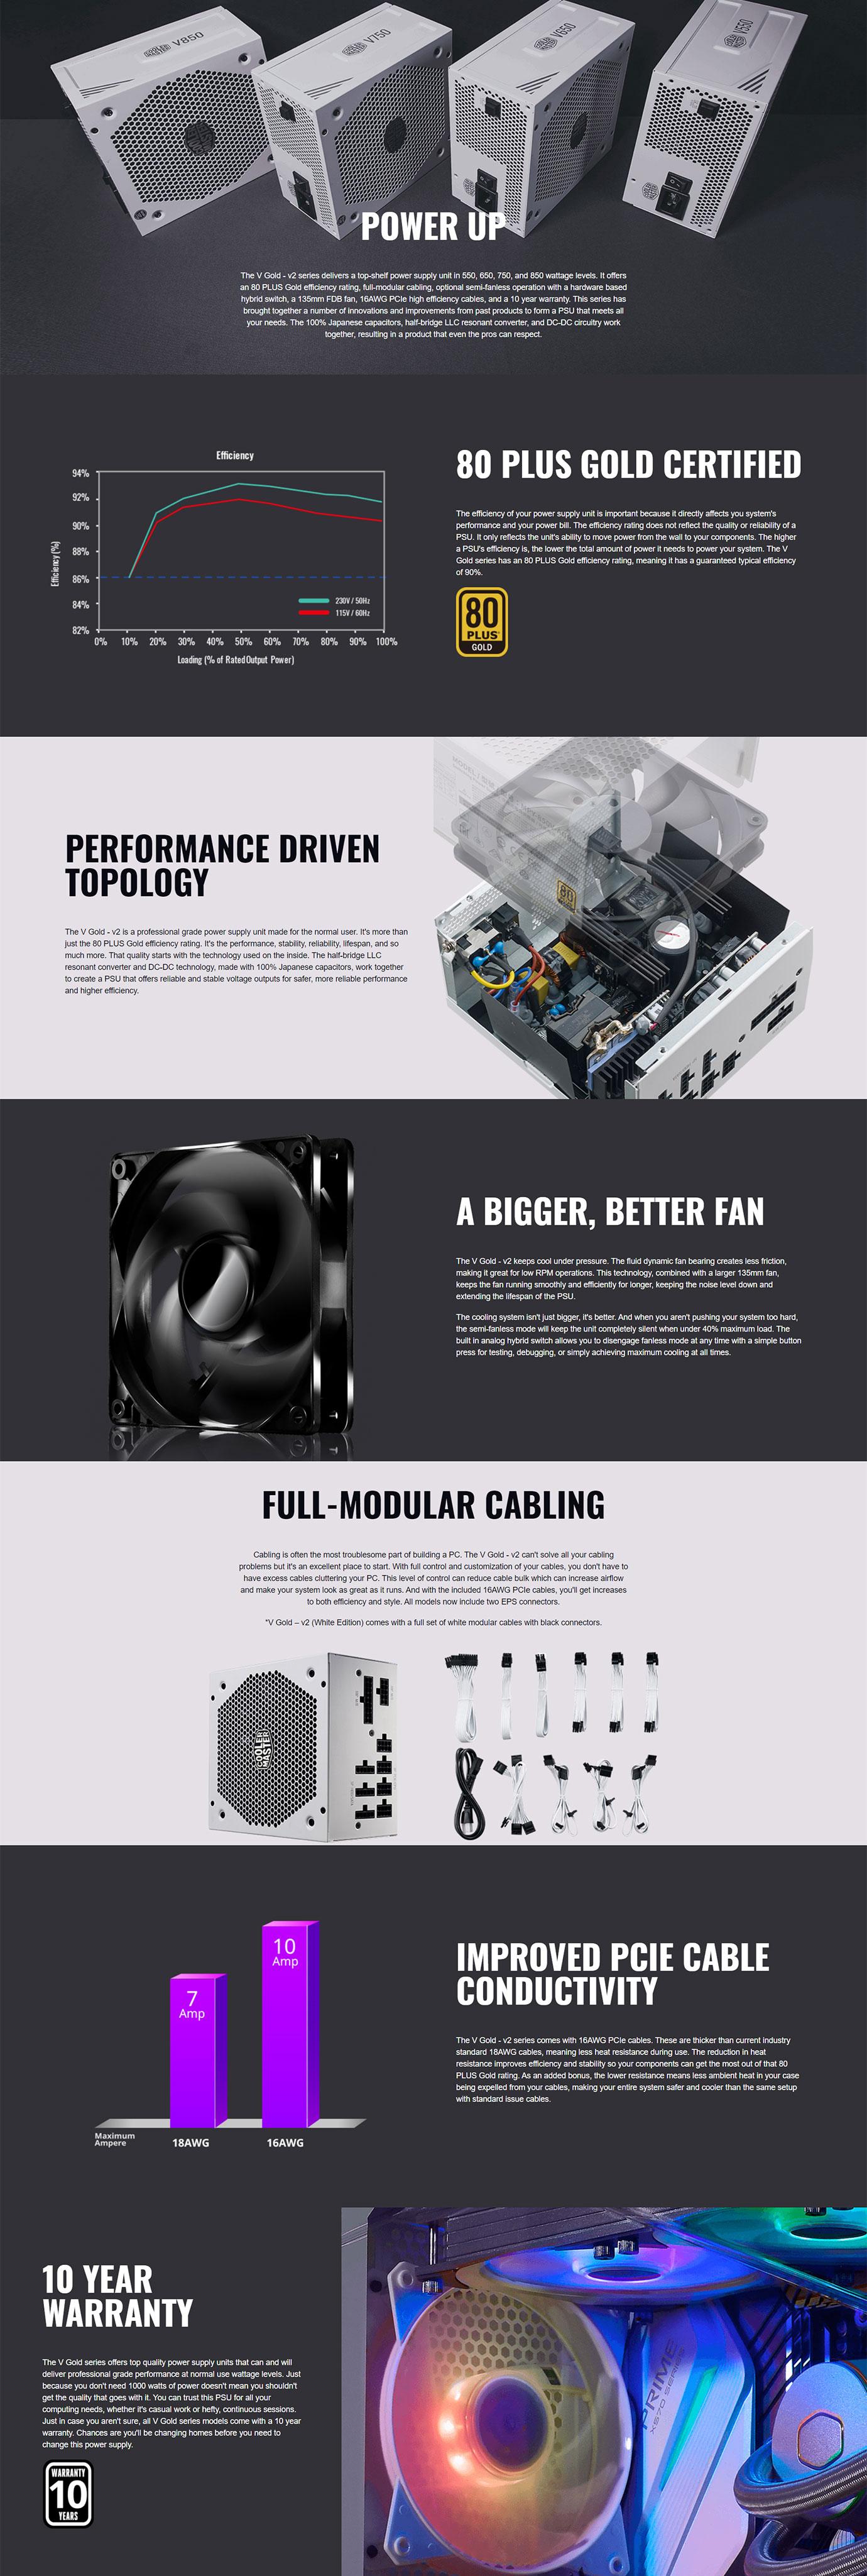 Cooler Master V Gold V2 Fully Modular Power Supply White